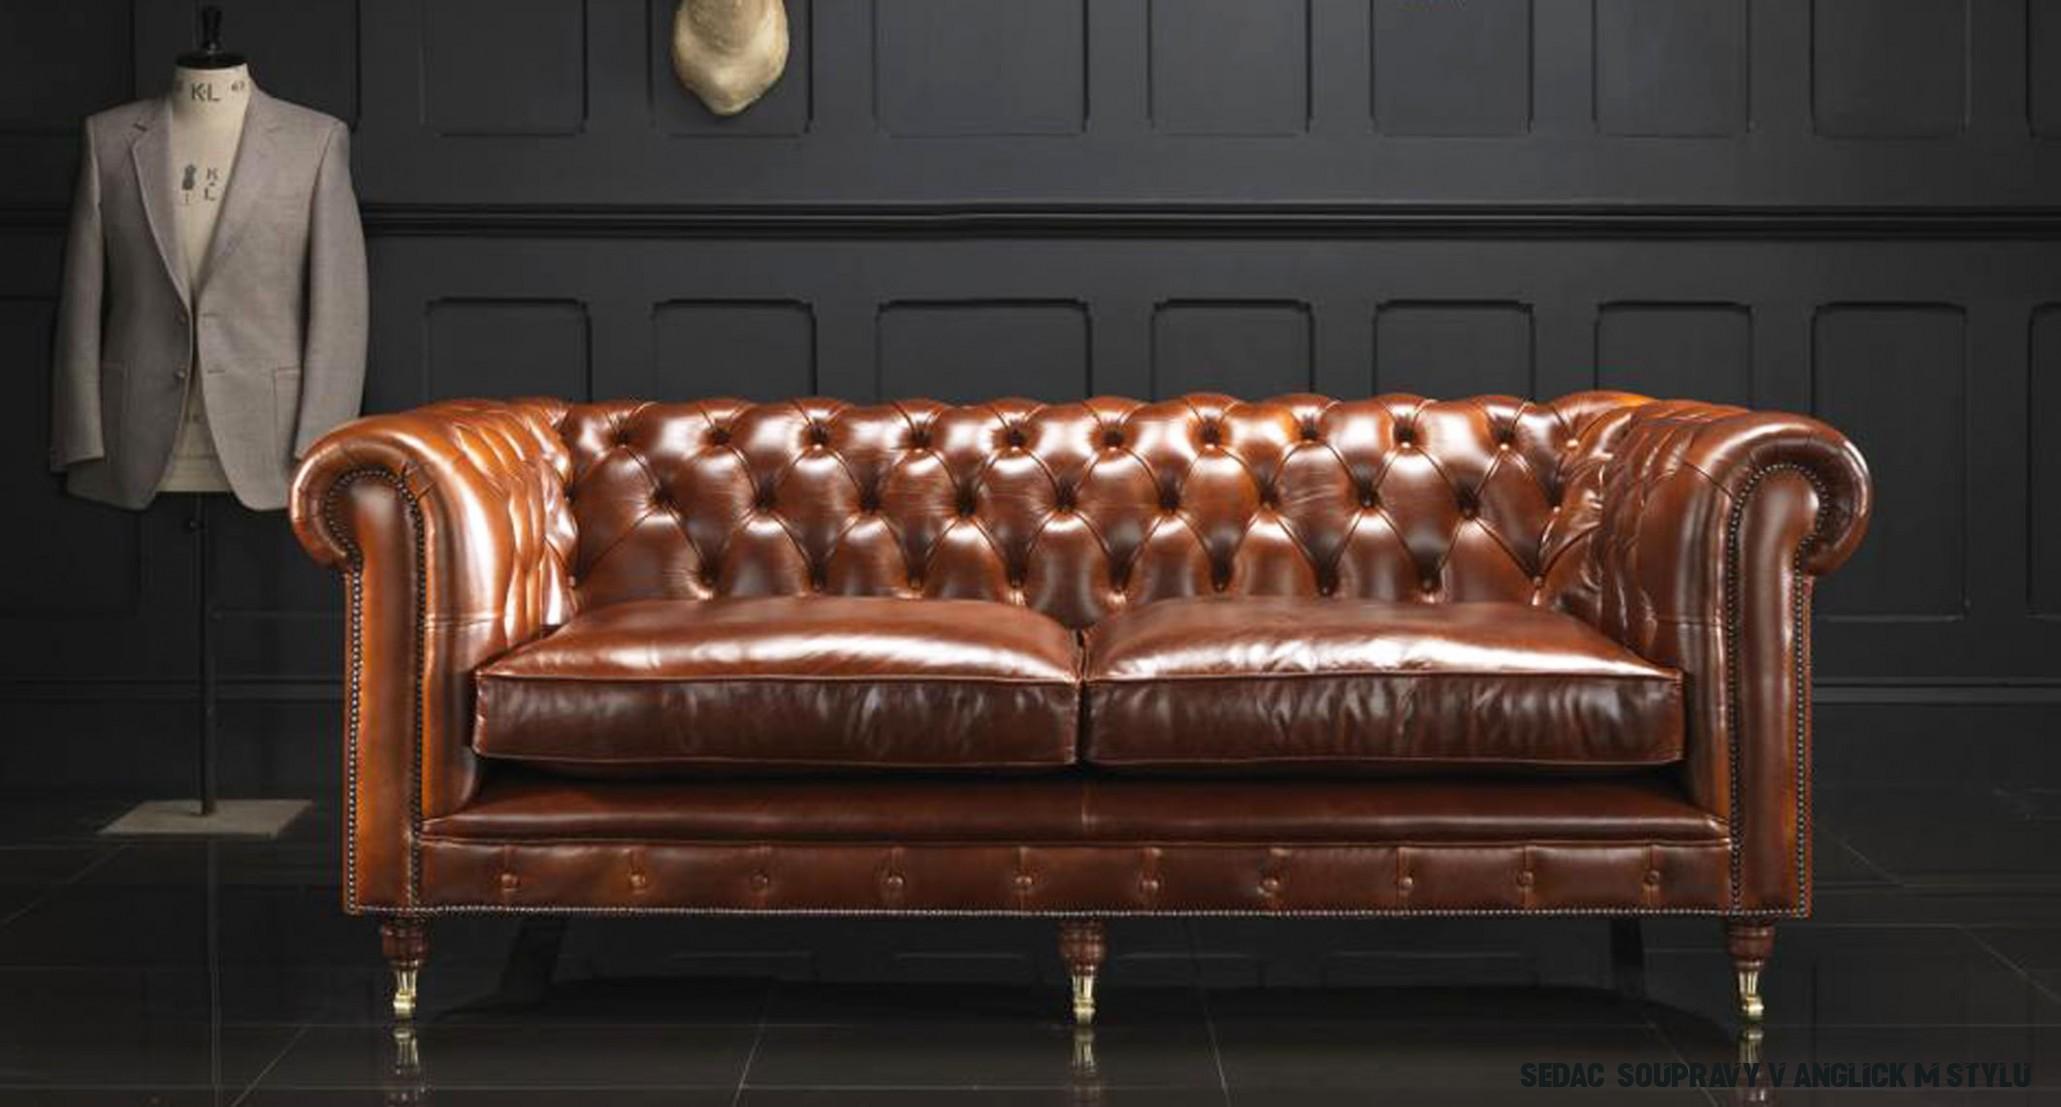 Sedací soupravy a sedací nábytek - Luxusní stylový nábytek a